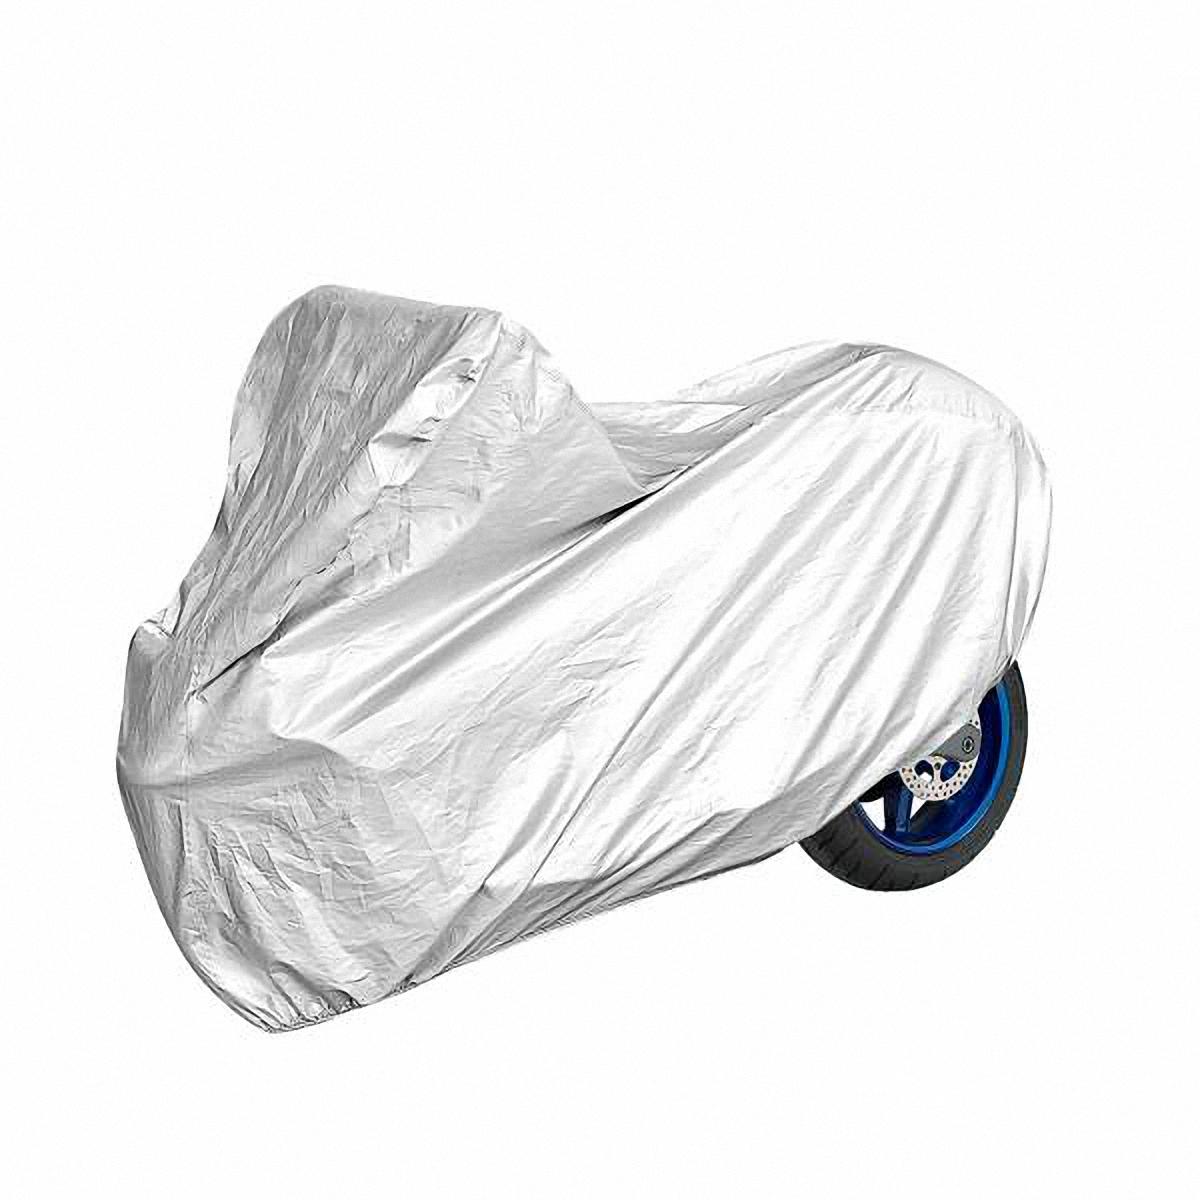 Тент на мотоцикл Skyway, 228 х 99 х 119 см. Размер LS04402002Тент на мотоцикл позволит защитить кузов и детали Вашего транспортного средства от коррозии и загрязнений во время хранения или транспортировки, а Вас избавит от необходимости его частого мытья. Чехол-тент предохраняет лакокрасочное покрытие кузова, детали и фары Вашего мотоцикла/скутера от воздействия прямых солнечных лучей и неблагоприятных погодных условий, загрязнений. Легко и быстро надевается на мотоцикл или скутер, не царапая и не повреждая его. Основные характеристики чехла-тента SKYWAY: Изготовлен из высококачественного полиэстера. В передней и задней части тента вшиты резинки, стягивающие его нижний край под передним и задним бамперами. Обладает высокой влаго- и износостойкостью. Обладает светоотражающими и пылезащитными свойствами. Выдерживает как низкие, так и высокие температуры. Воздухопроницаемый материал.Состав: полиэстер.